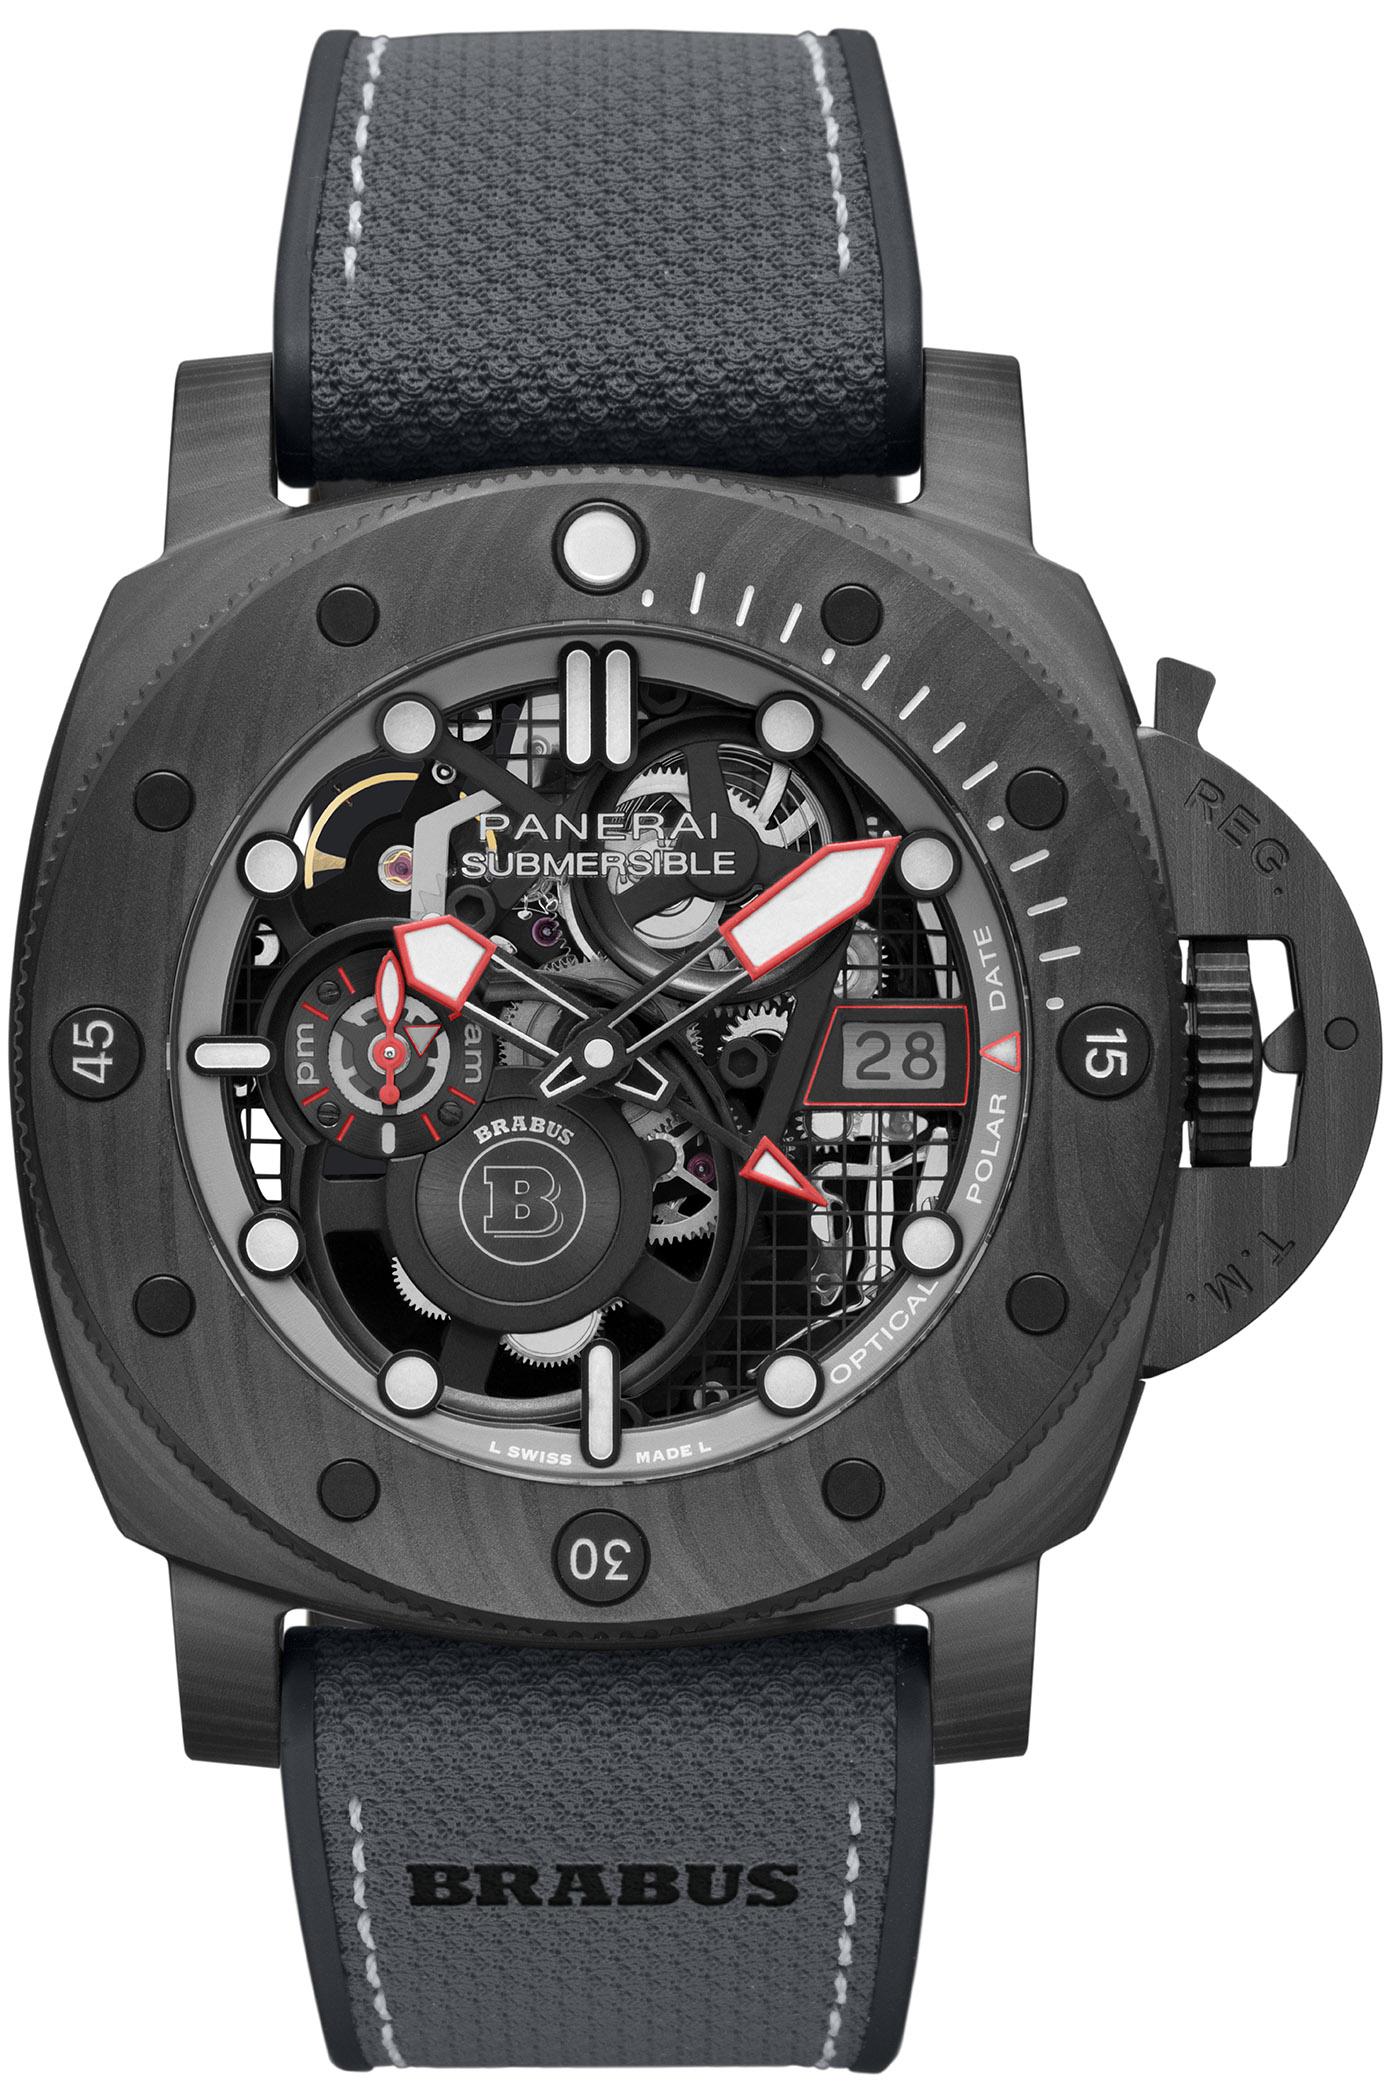 Panerai выпускает лимитированные дайверские часы S BRABUS Black Ops Edition